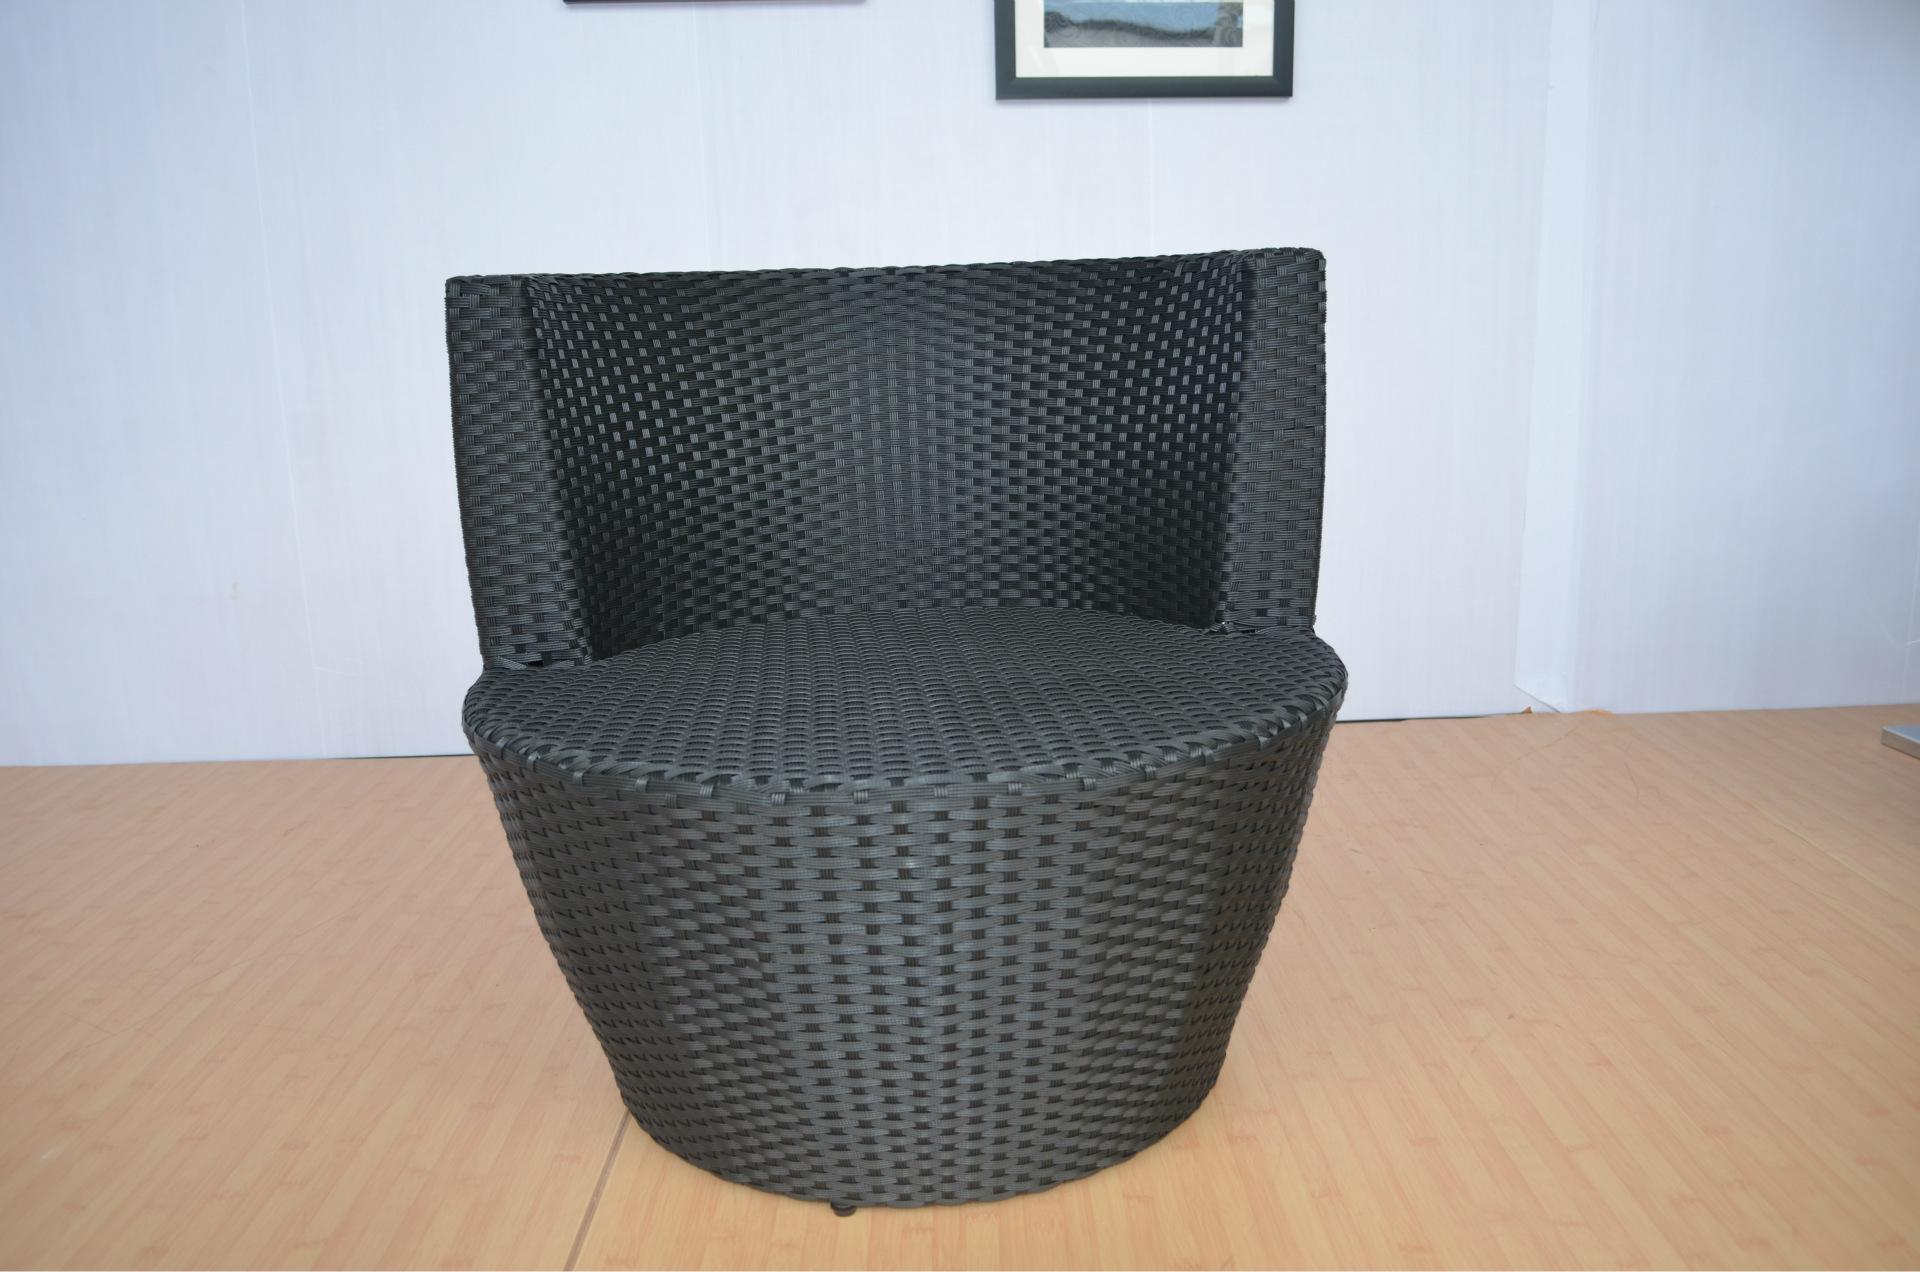 藤椅子茶几休闲露台咖啡厅创意酒吧阳台桌椅组合套件藤编户